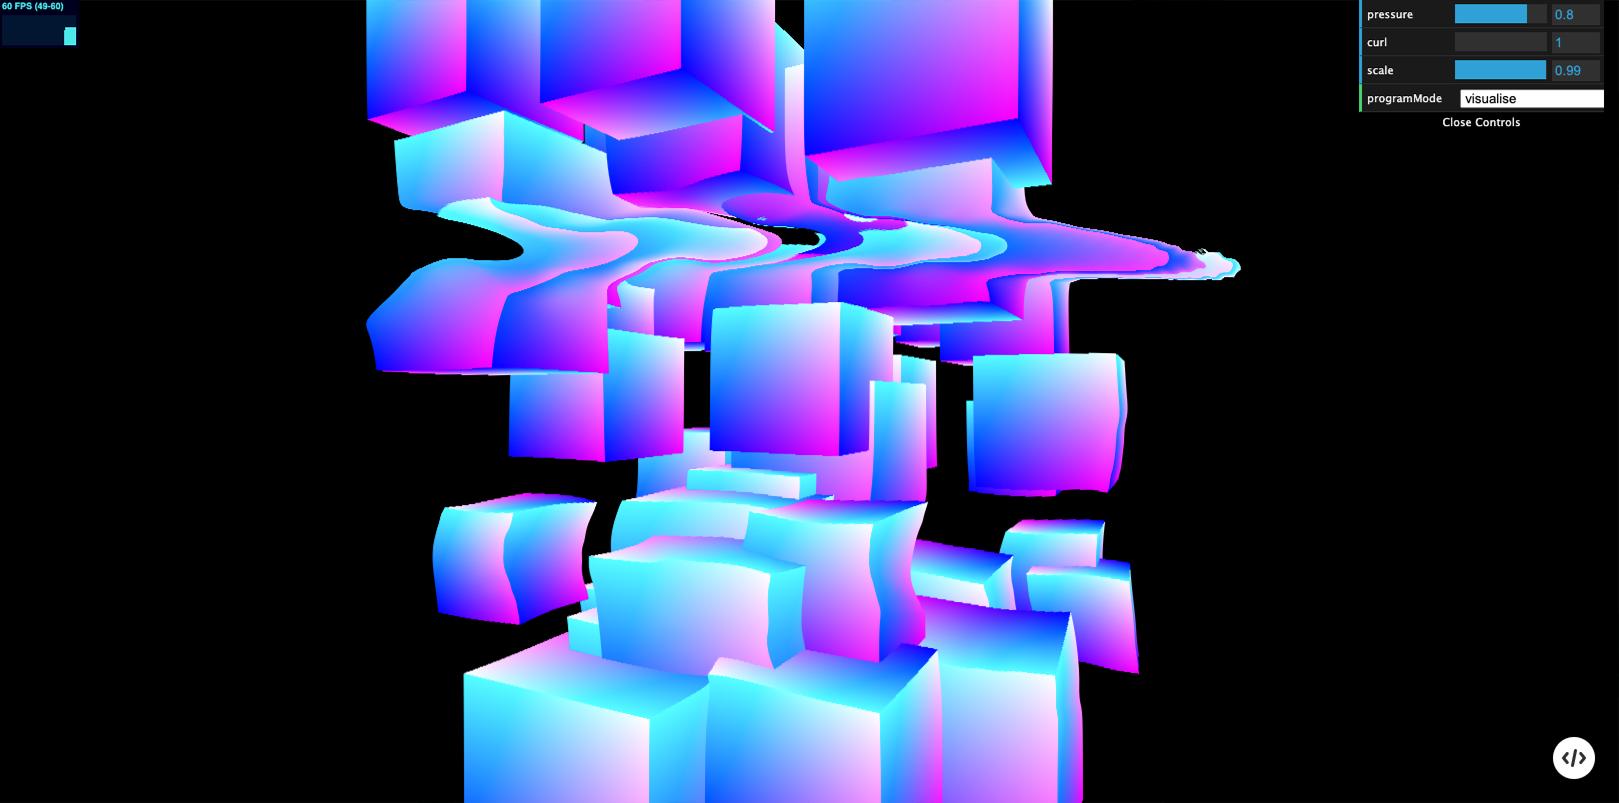 Fluid dynamics demo